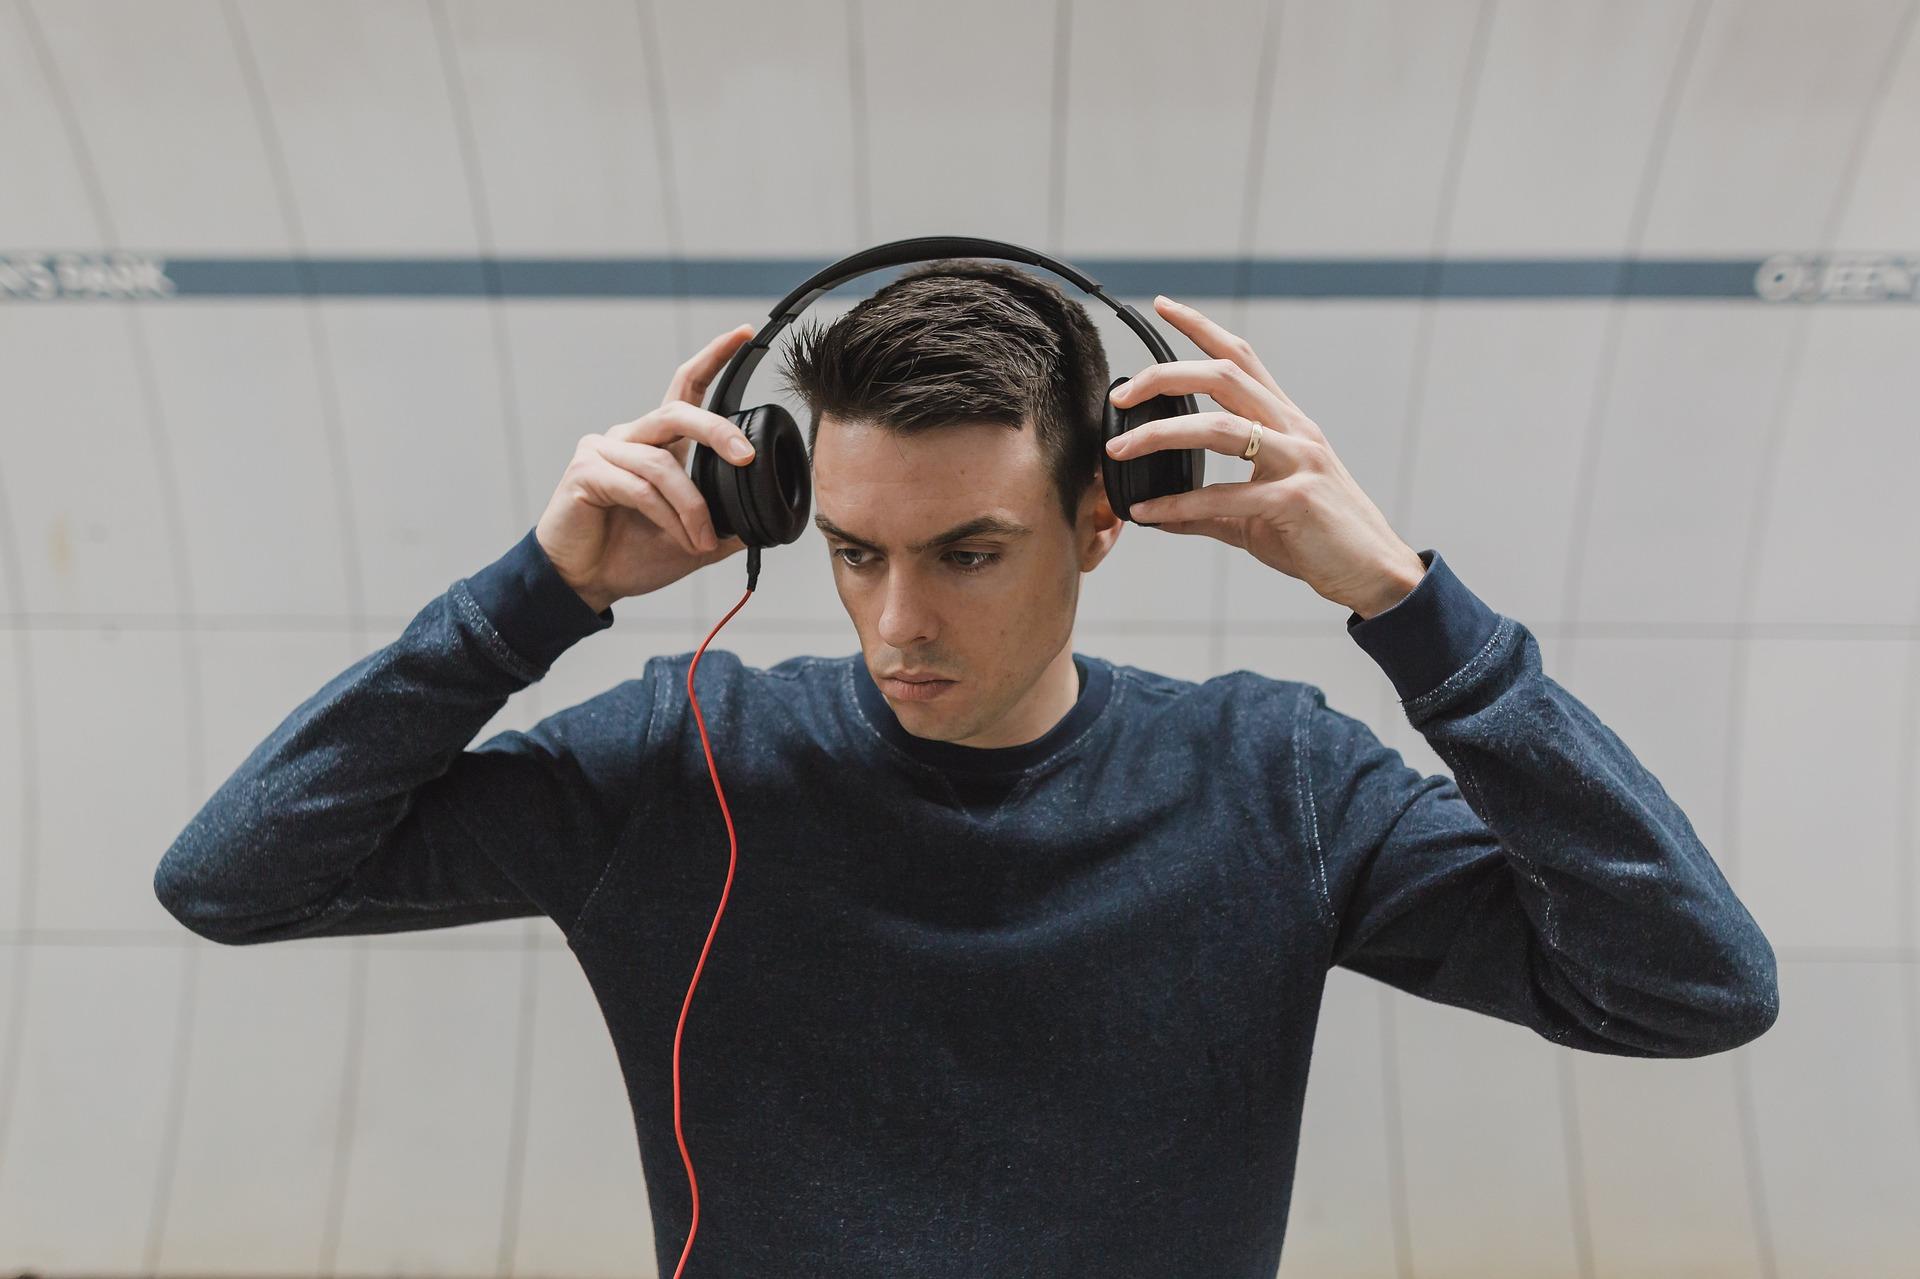 Things To Consider When Choosing Loudest Headphones